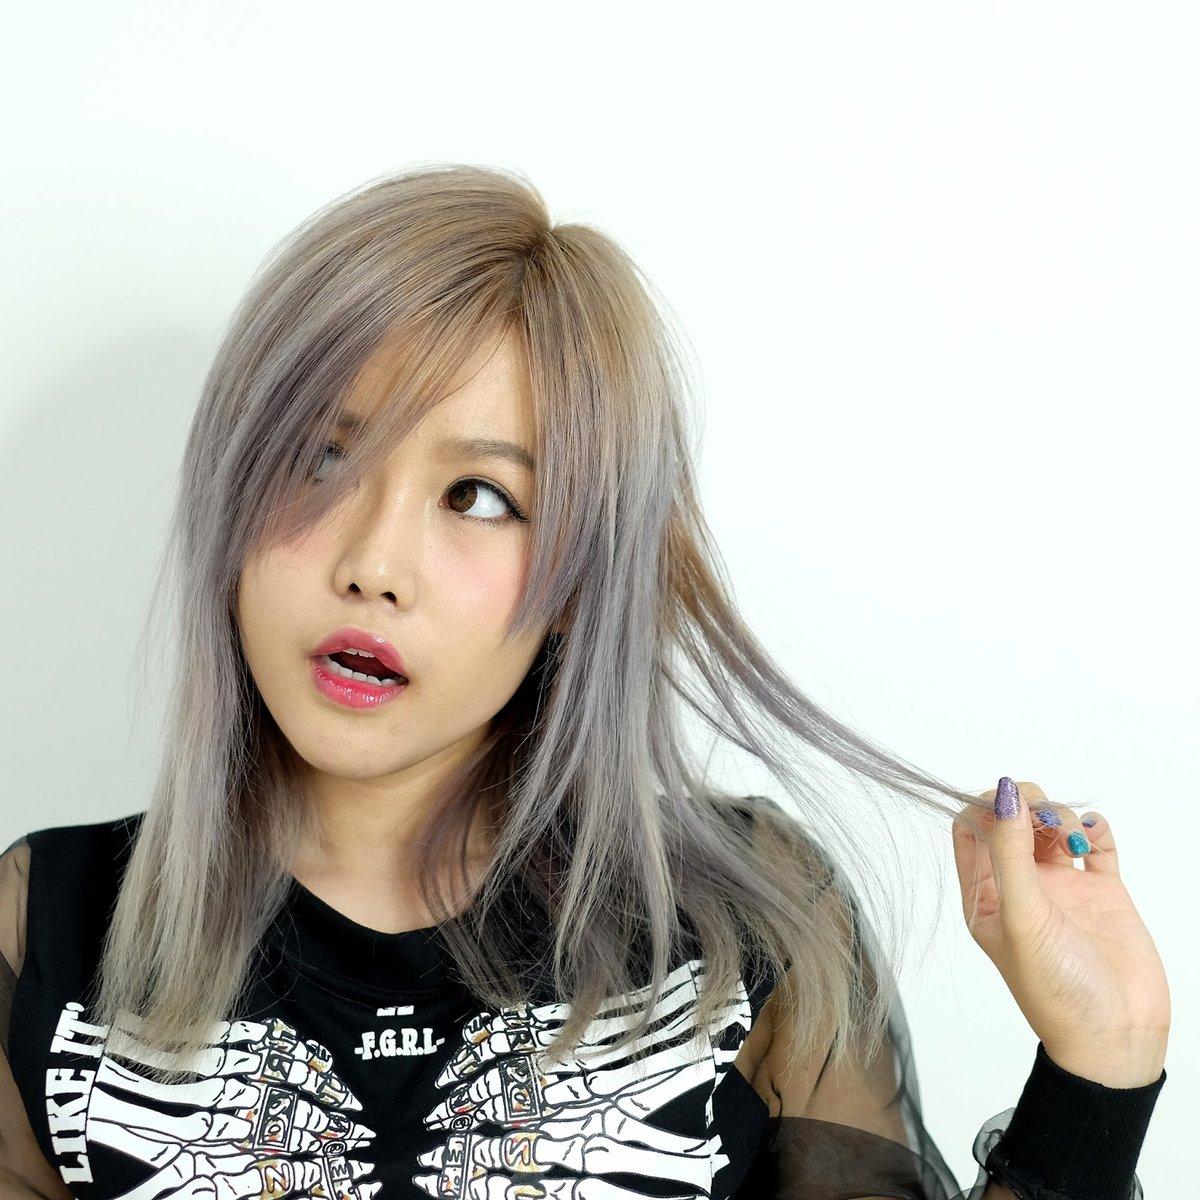 ней фото изменения цвета волос у азиаток тем